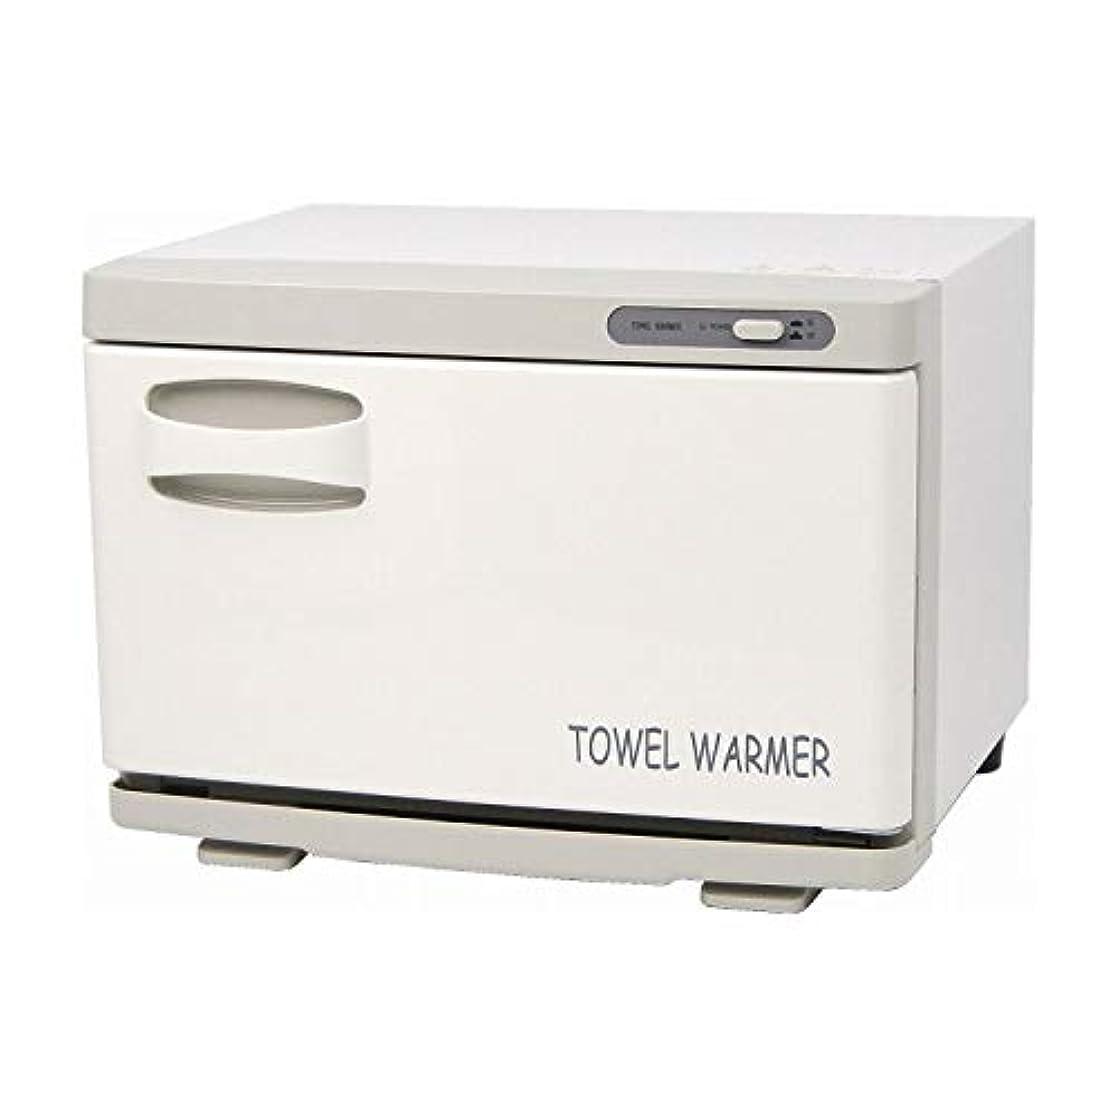 嫌がらせ簡潔な有利タオルウォーマー TW-12F[ホワイト前開き]新品 おしぼり蒸し器 おしぼりウォーマー ホットウォーマー タオル蒸し器 タオルウオーマー ホットボックス